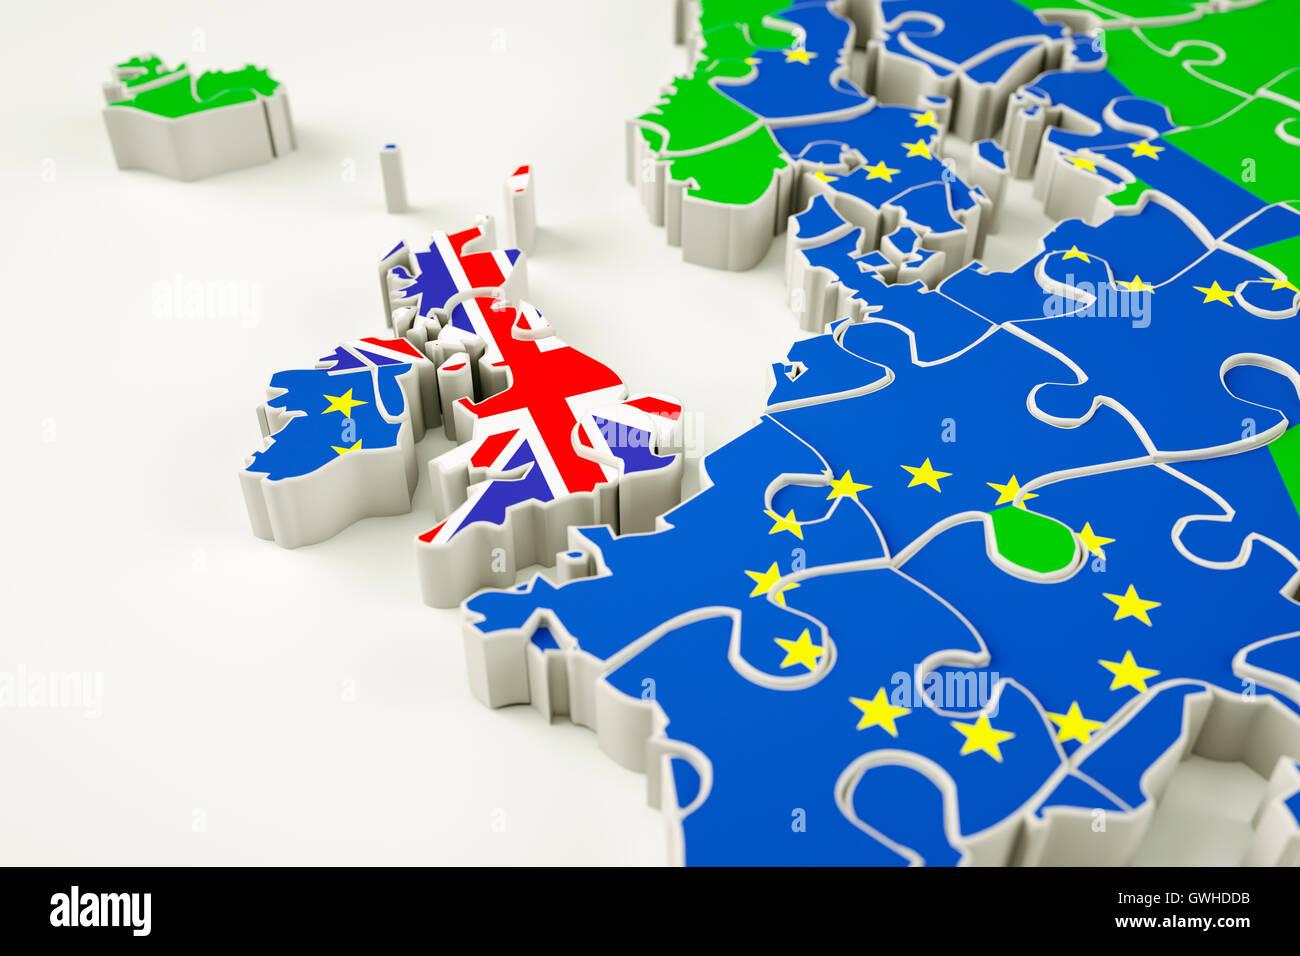 Concepto Brexit puzzle - representando Brexit, la salida del Reino Unido, el acuerdo de libre comercio EU Referendum, Imagen De Stock